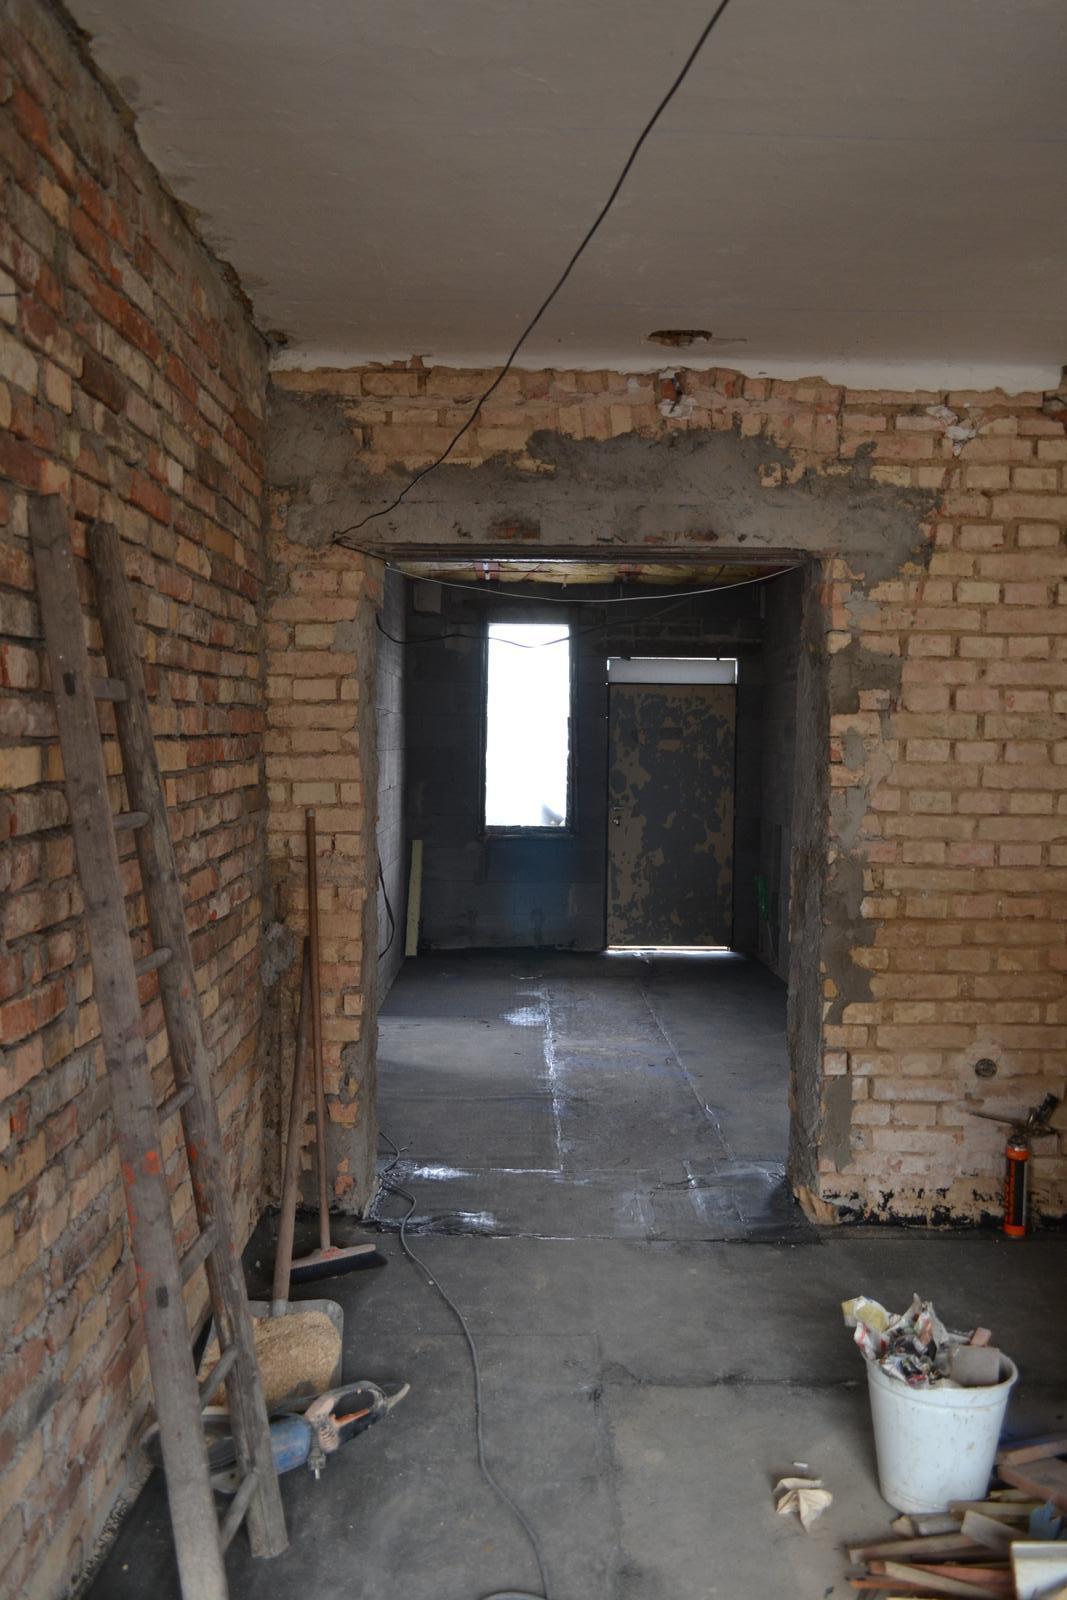 Domeček rekonstruujeme pro rodiče - A mame hotové příčky uvnitř... pohled z obýváku ke vchodovým dveřím